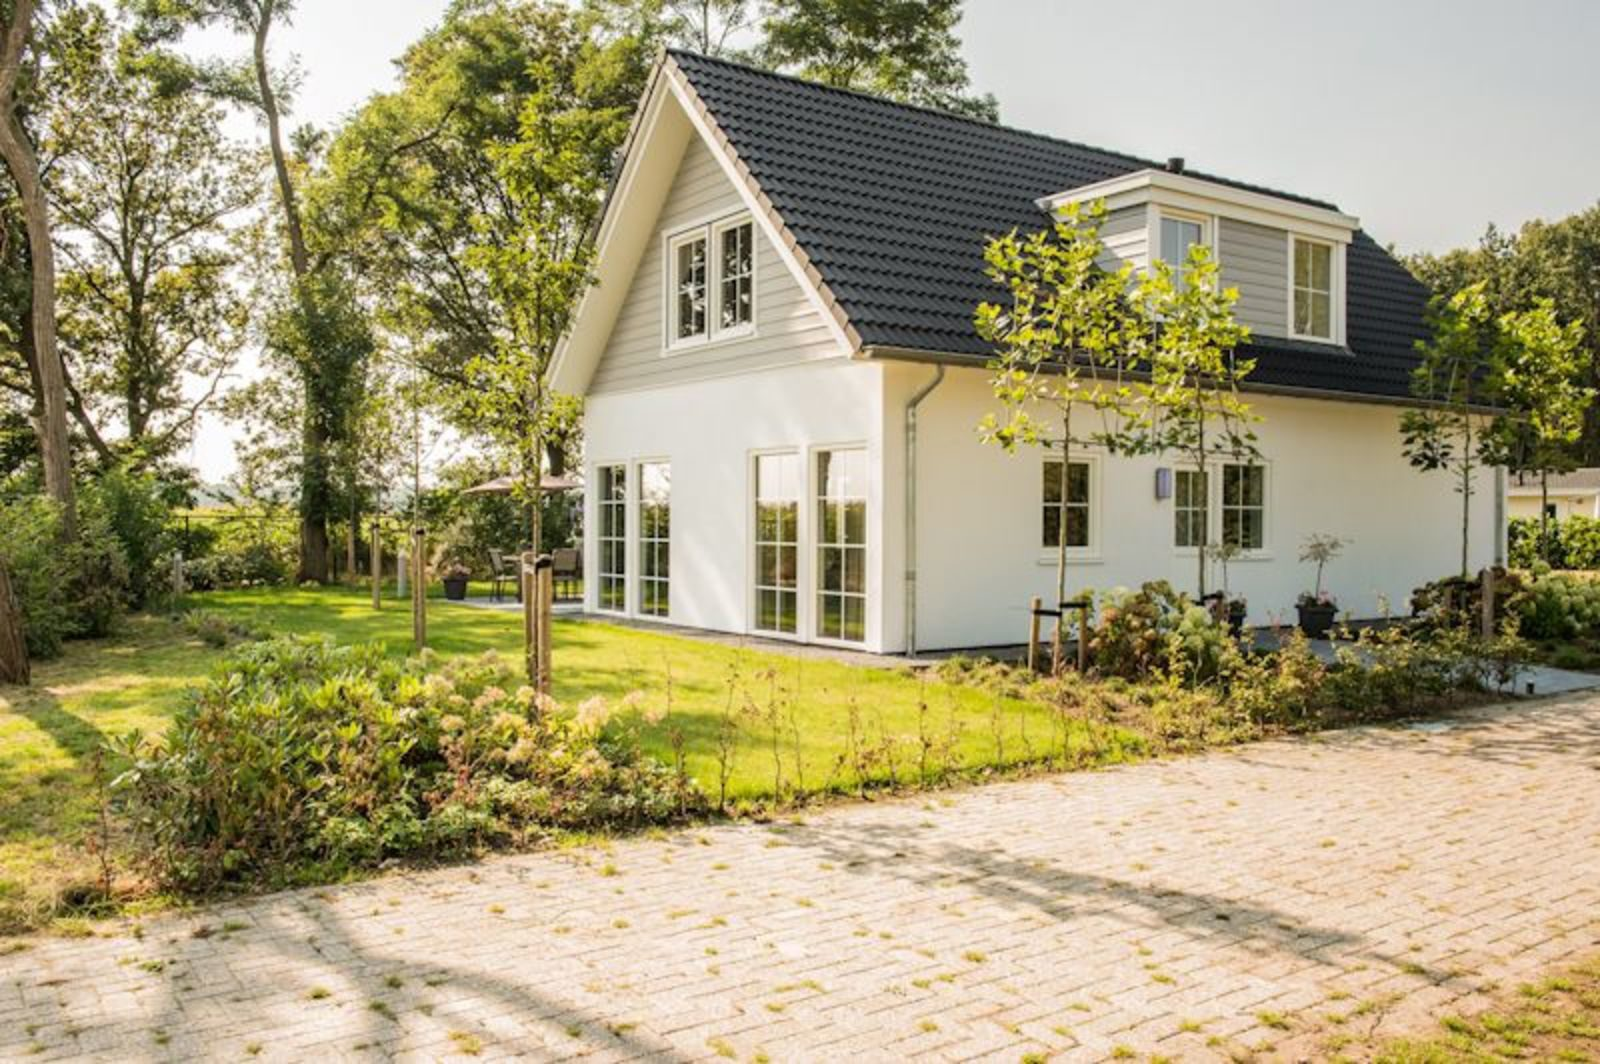 10 Personen Villa Brabant